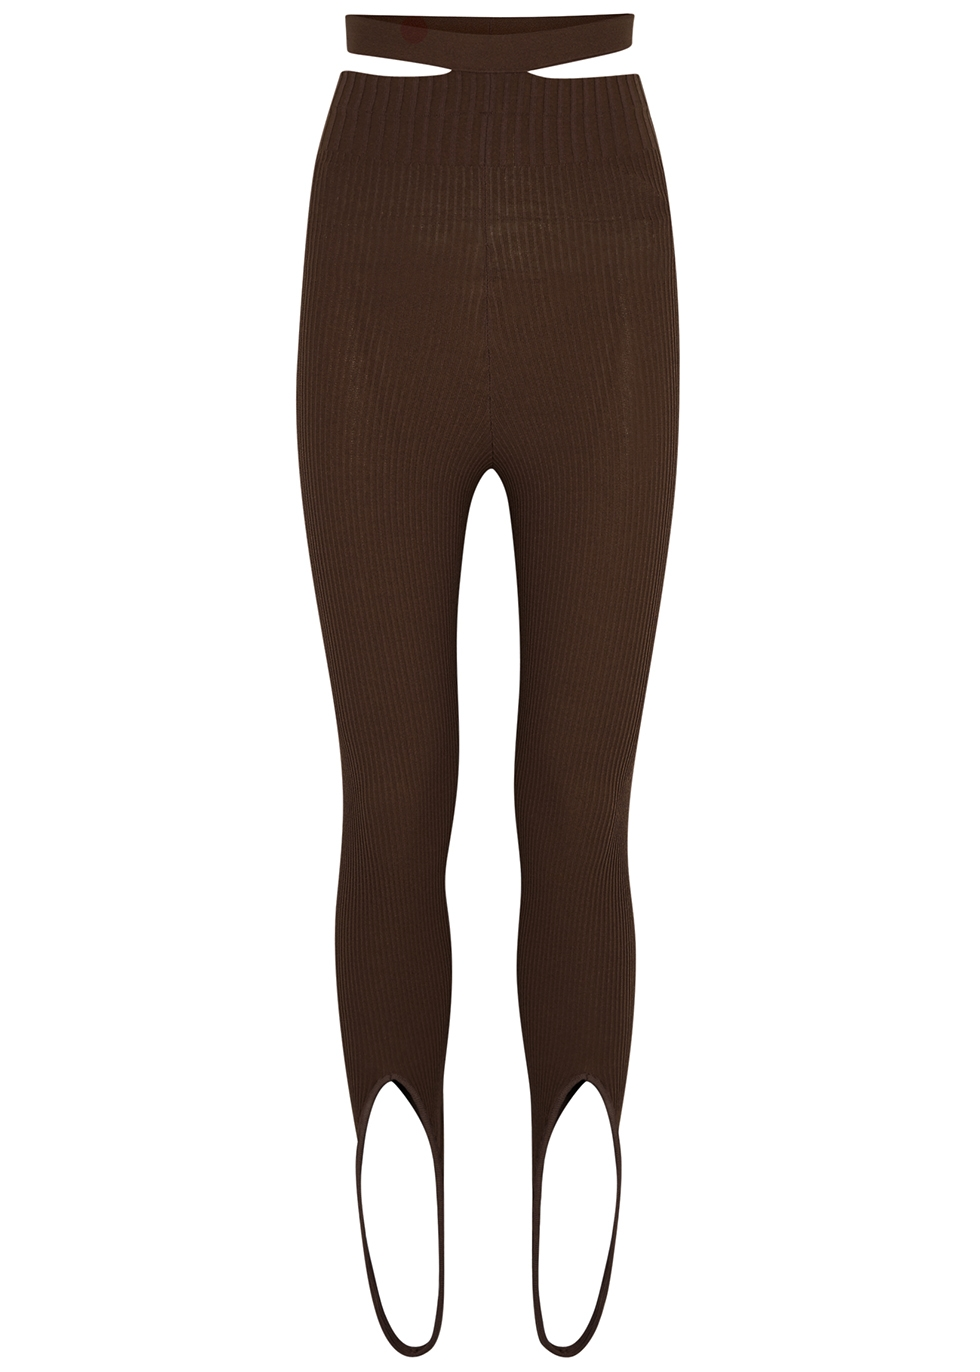 Brown ribbed-knit stirrup leggings